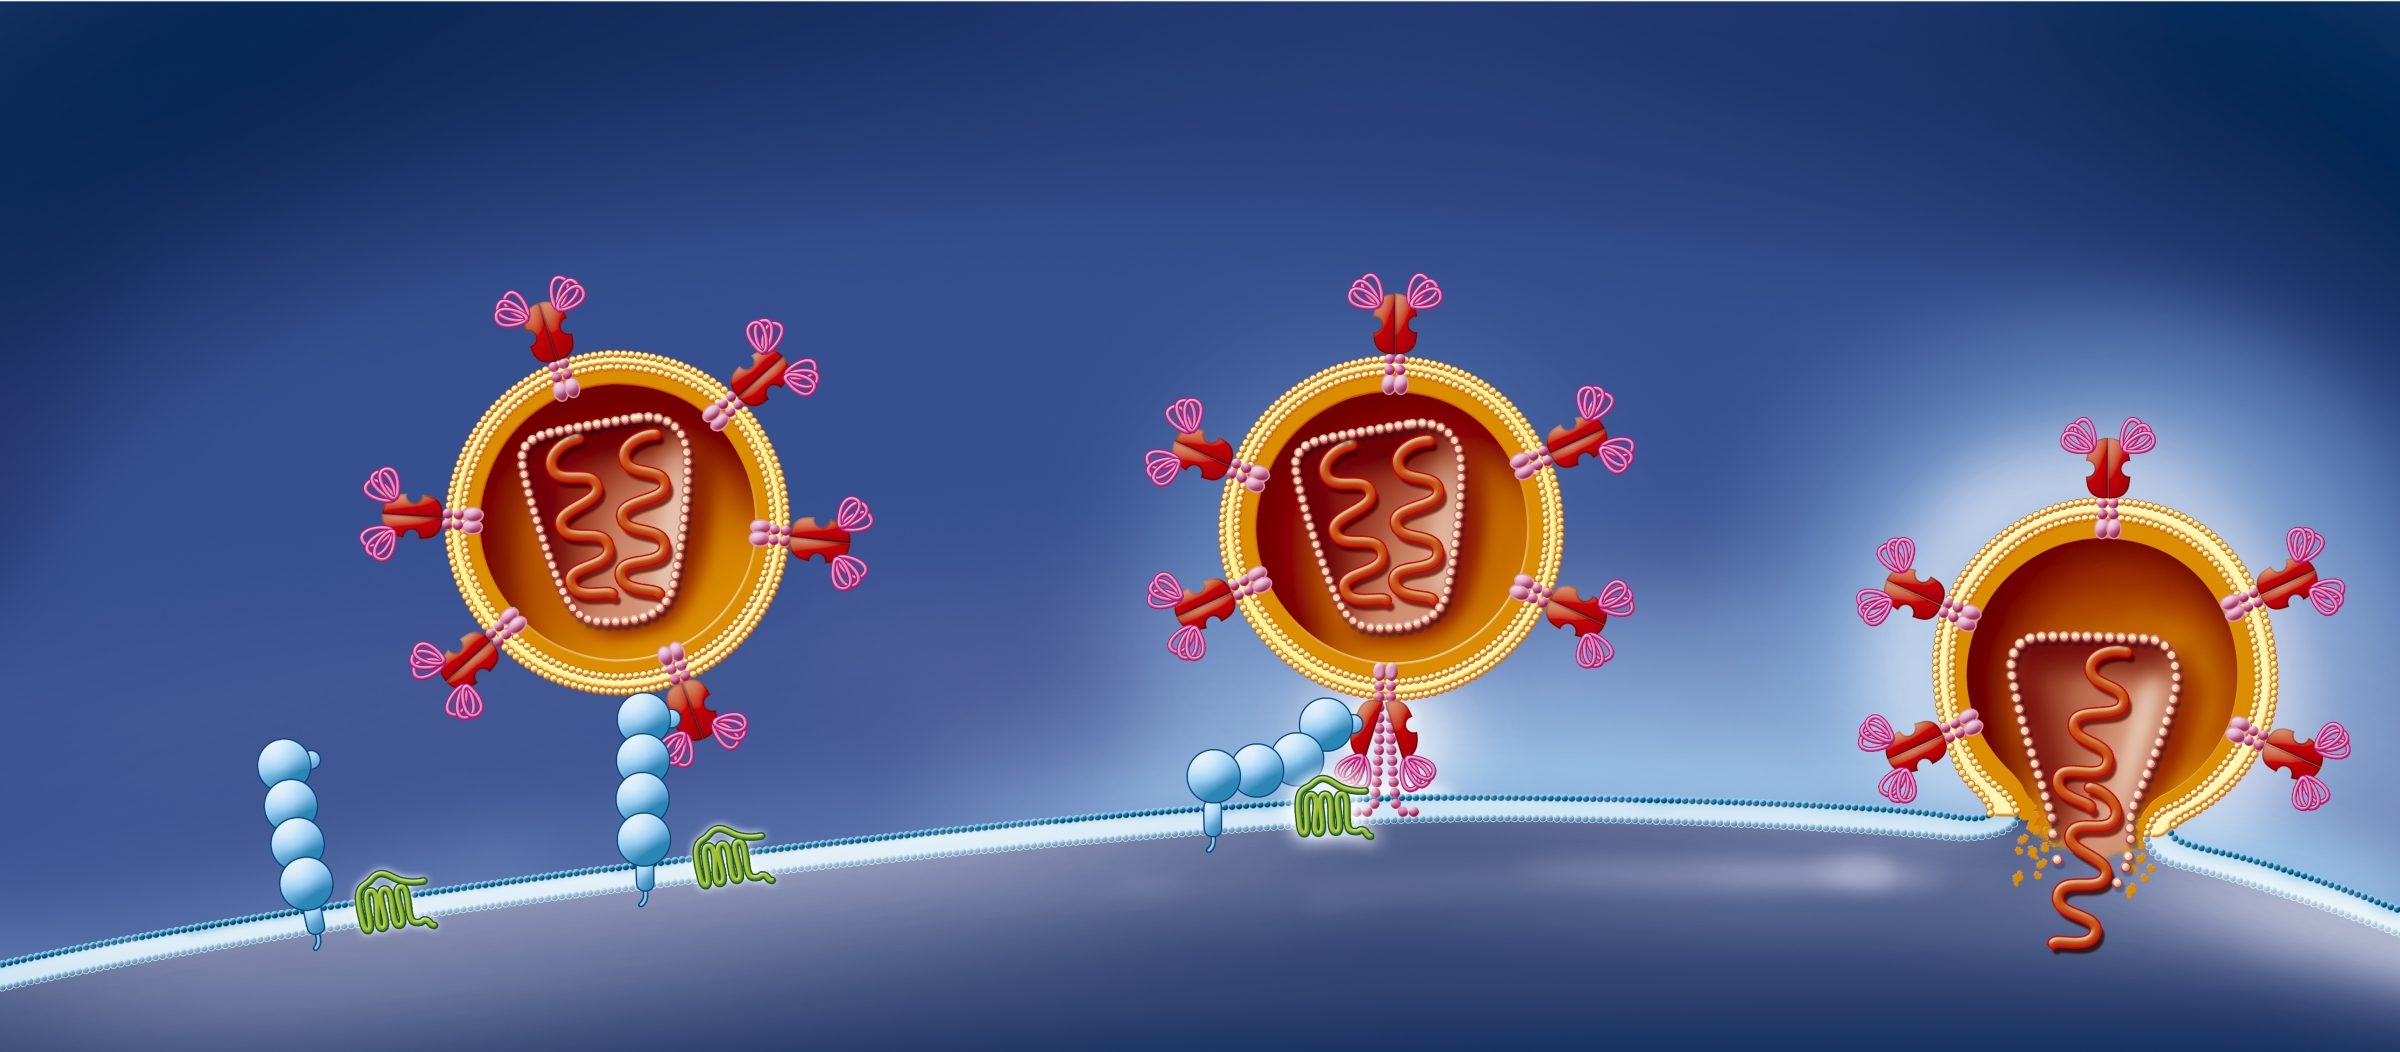 חלבון CCR5 (ירוק) צמוד לקולטן (כחול) מאפשר לנגיף HIV לחדור לתא T מסייע | איור: Science Photo Library